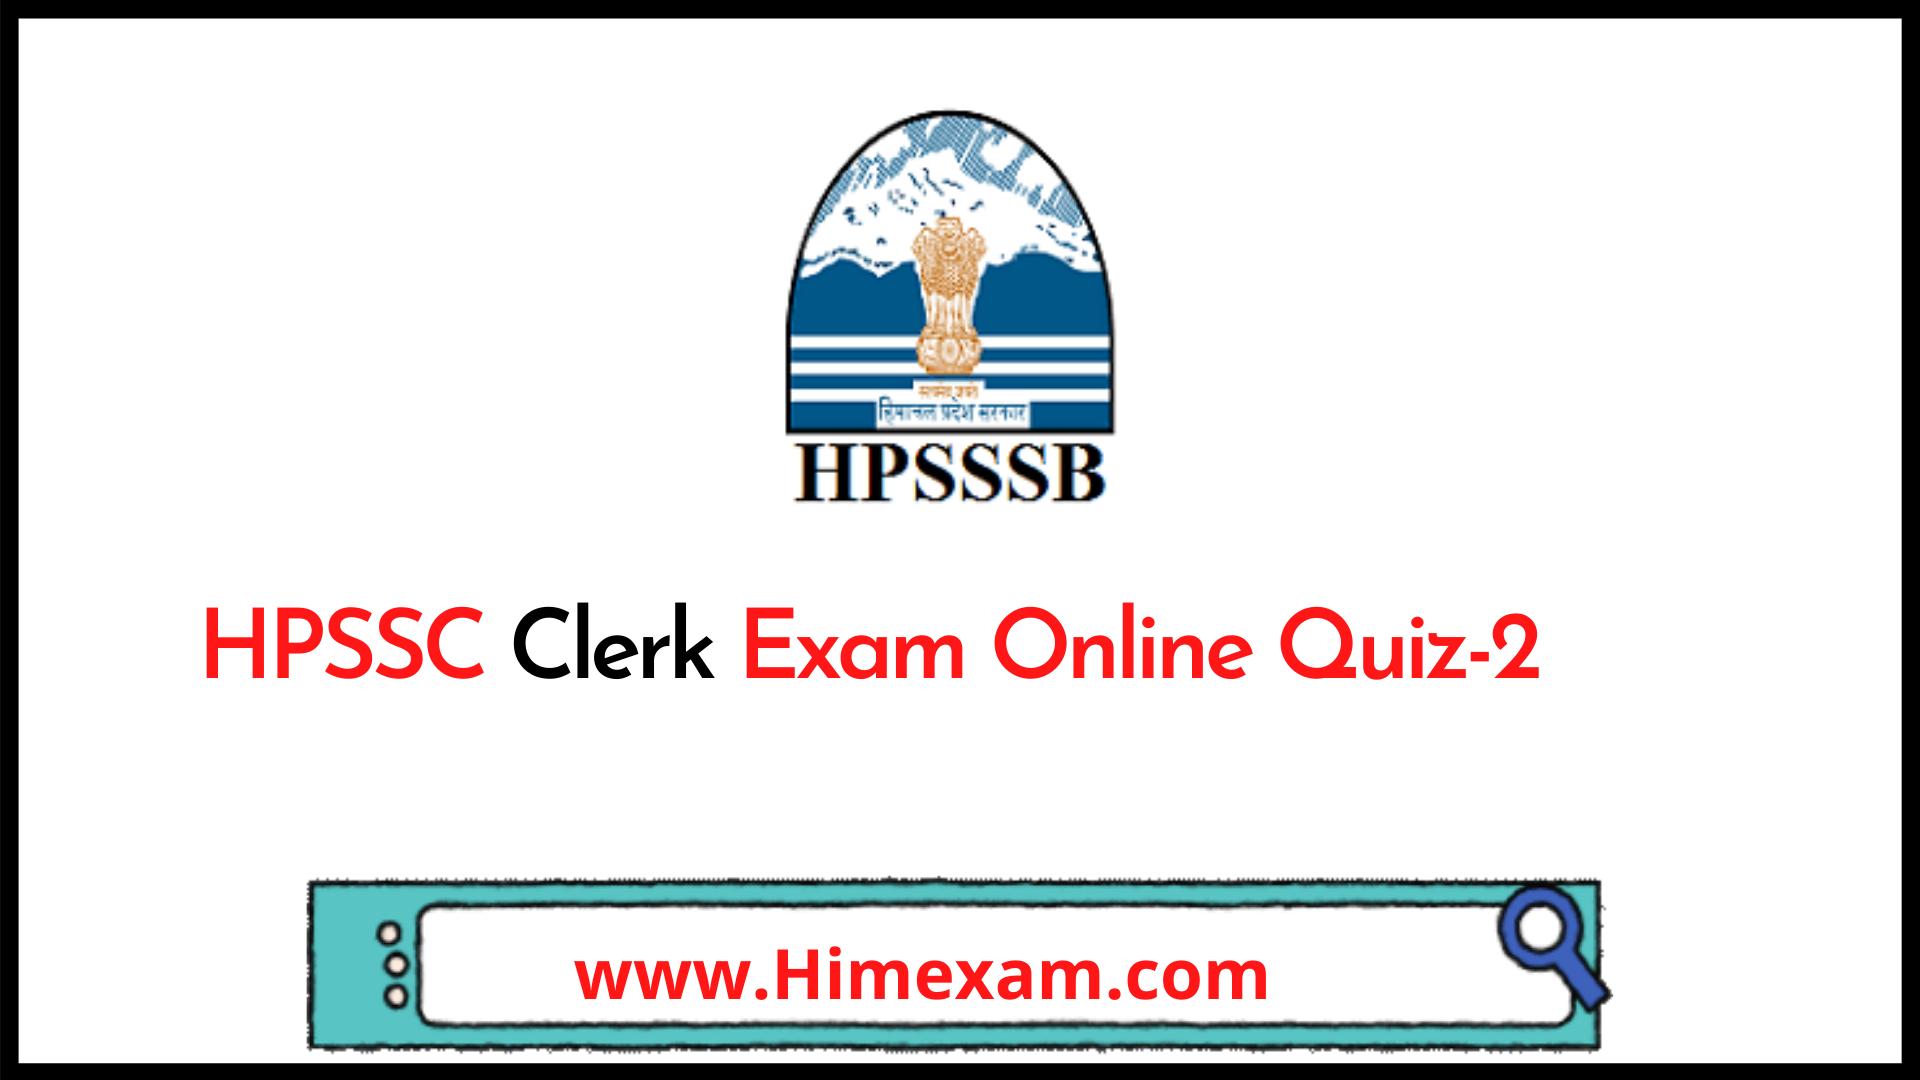 HPSSC Clerk Exam Online Quiz-2